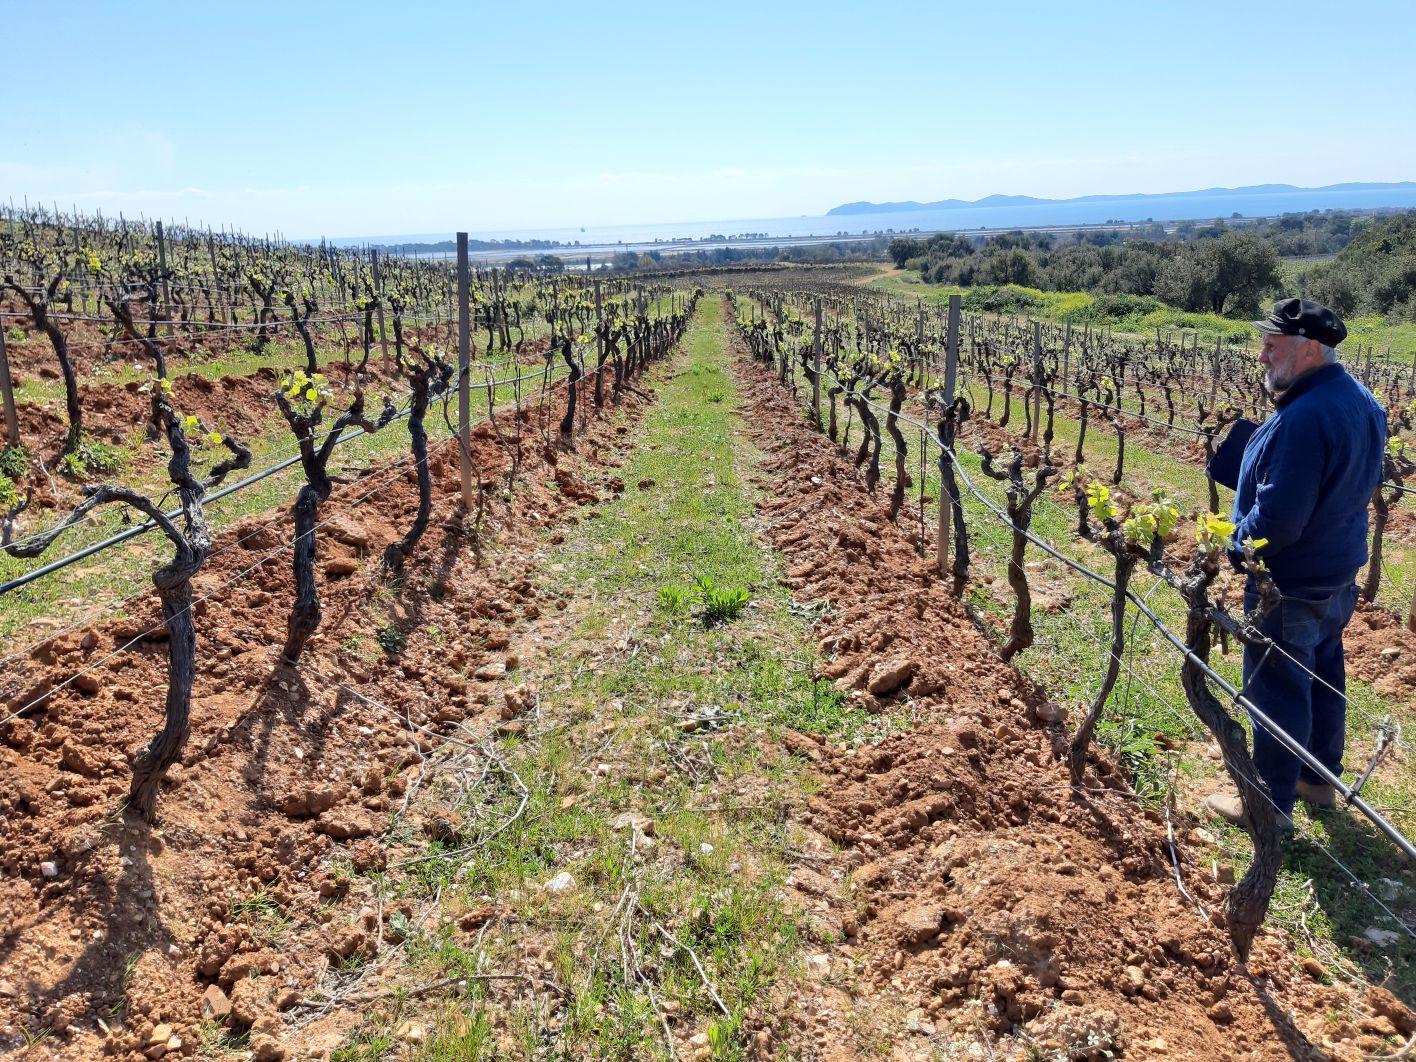 En direct du vignoble : impacts du gel en Provence